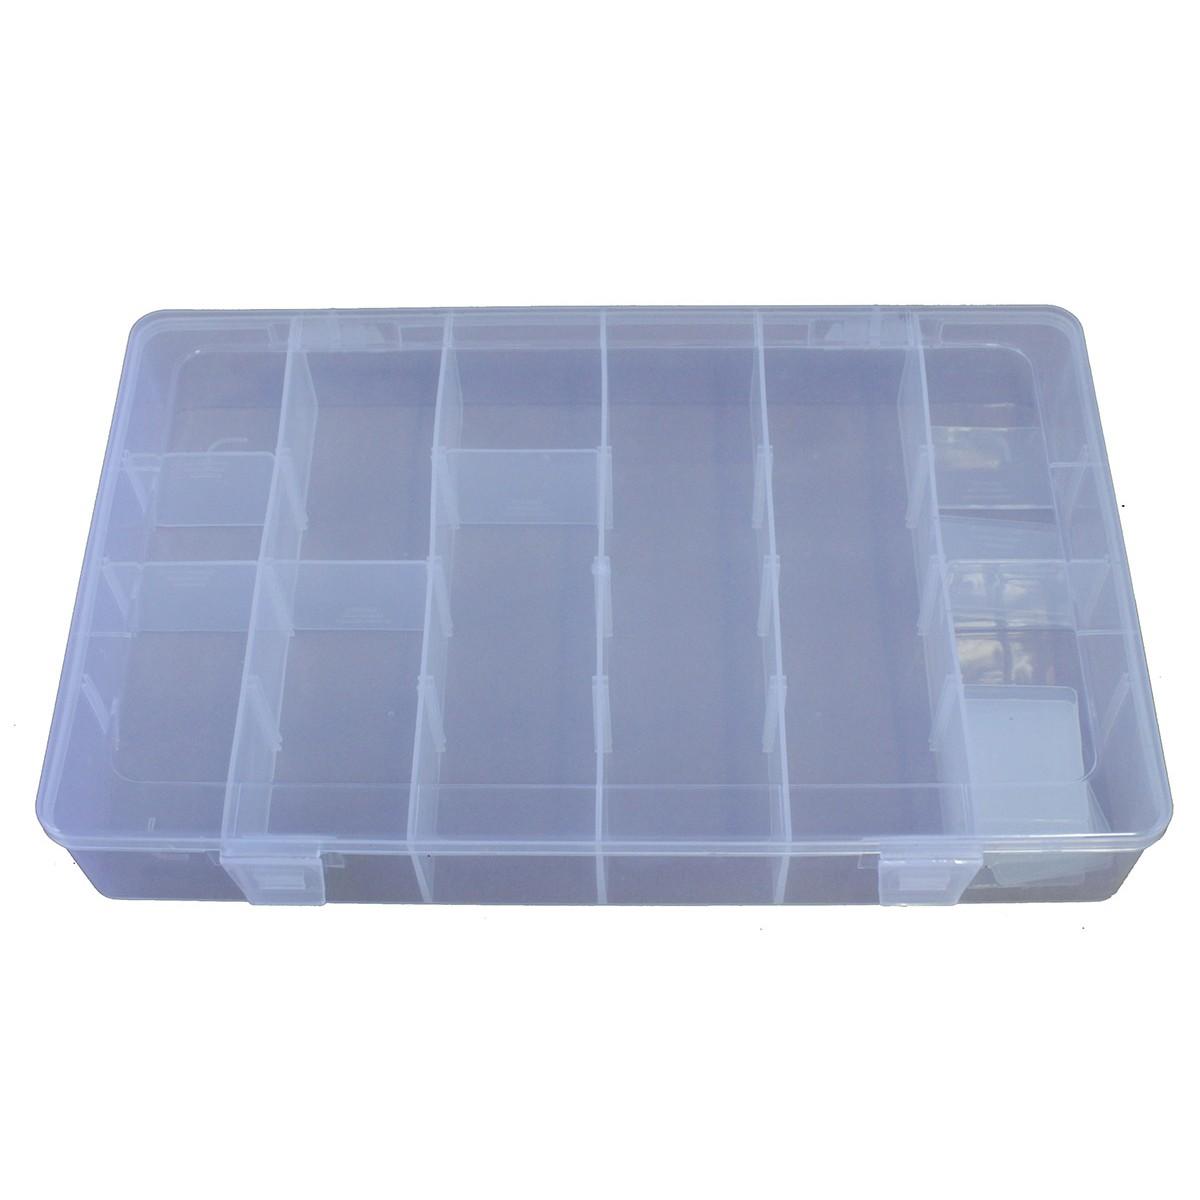 Кутия за принадлежности 6 отделения